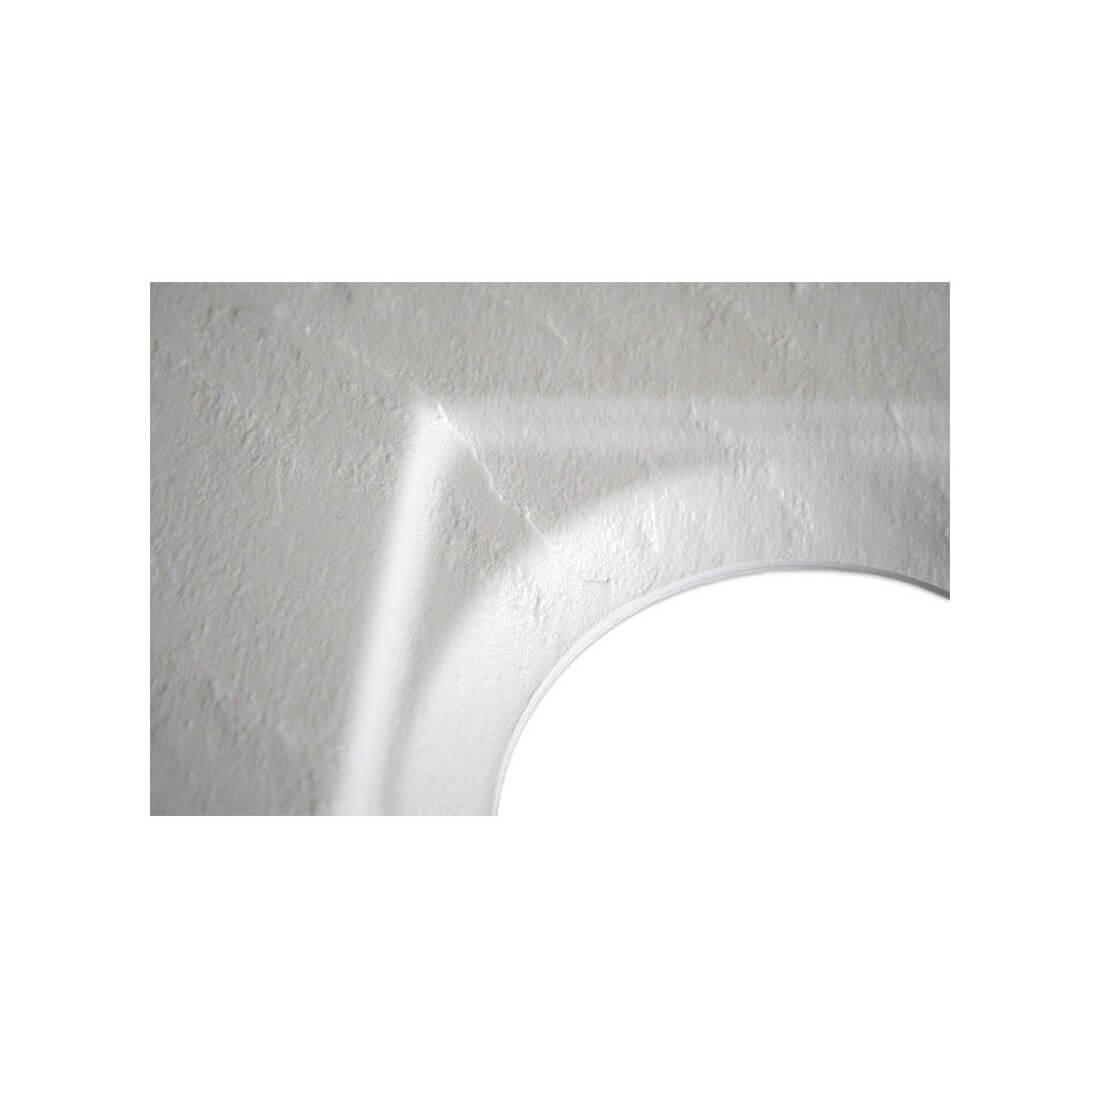 ▷ Plato de ducha acrílico de resina Acrilstone【Fossil Natura】- TheBath